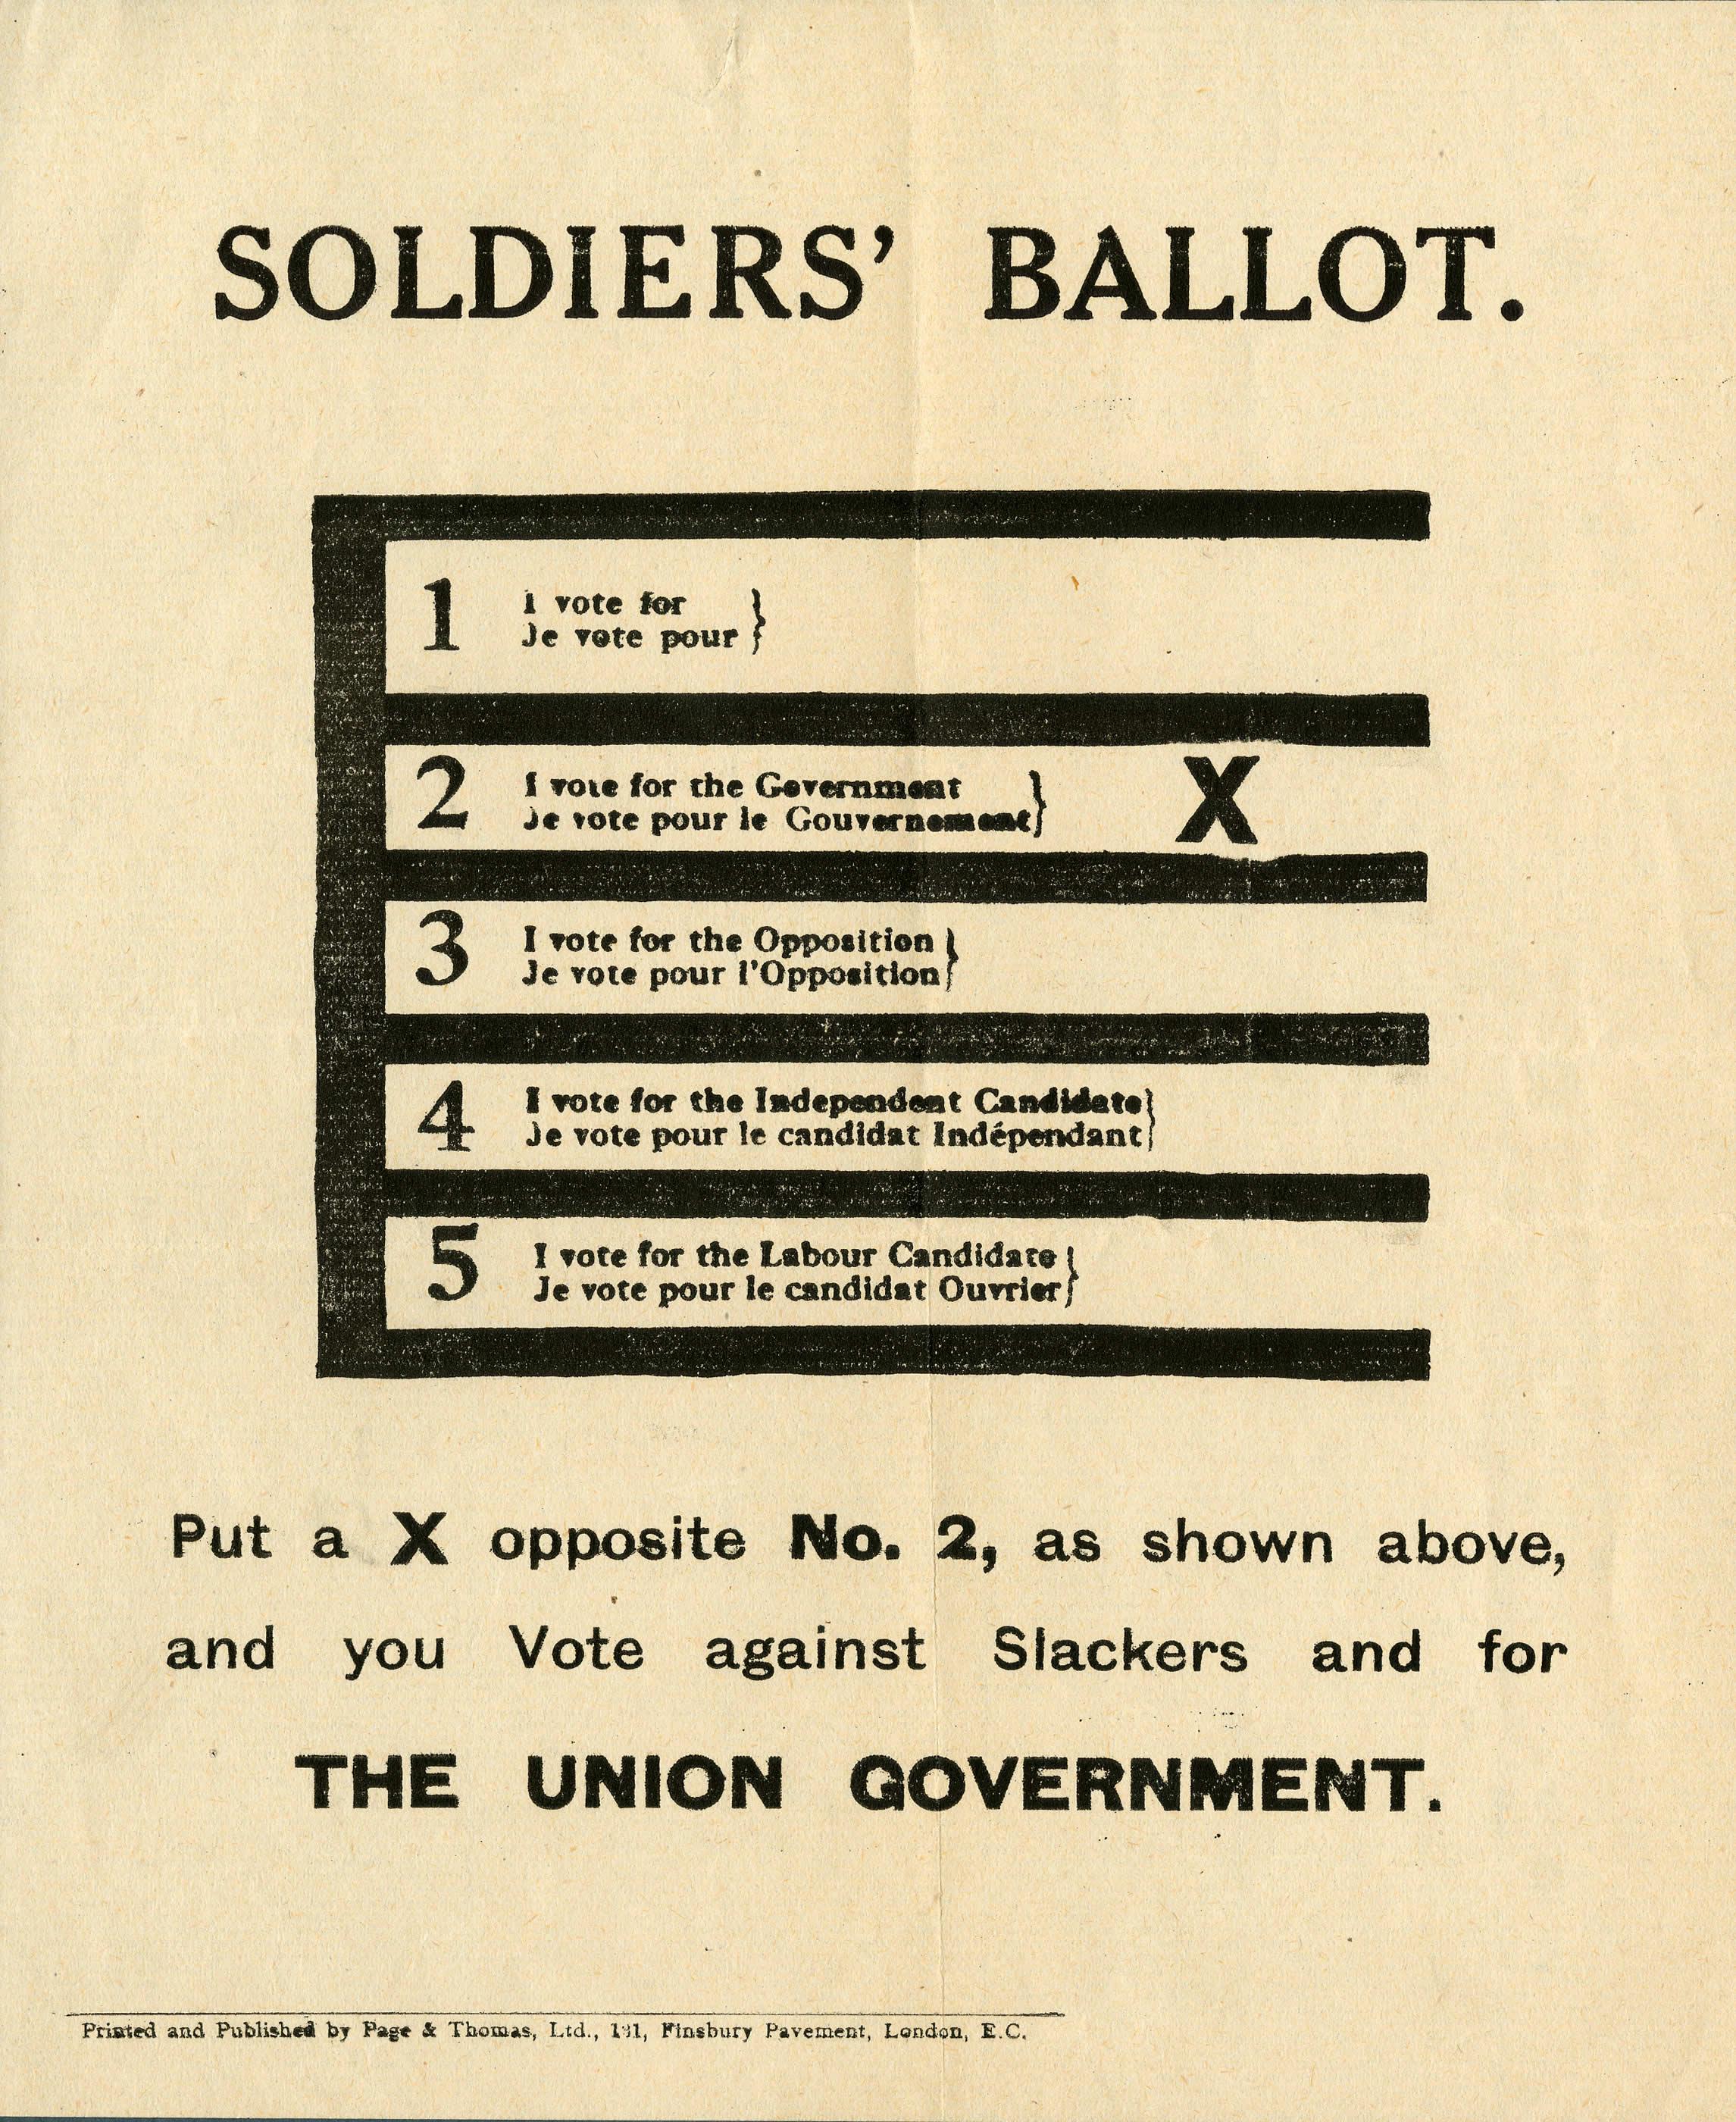 <i>Soldiers' Ballot. (Le vote des soldats.)</i>